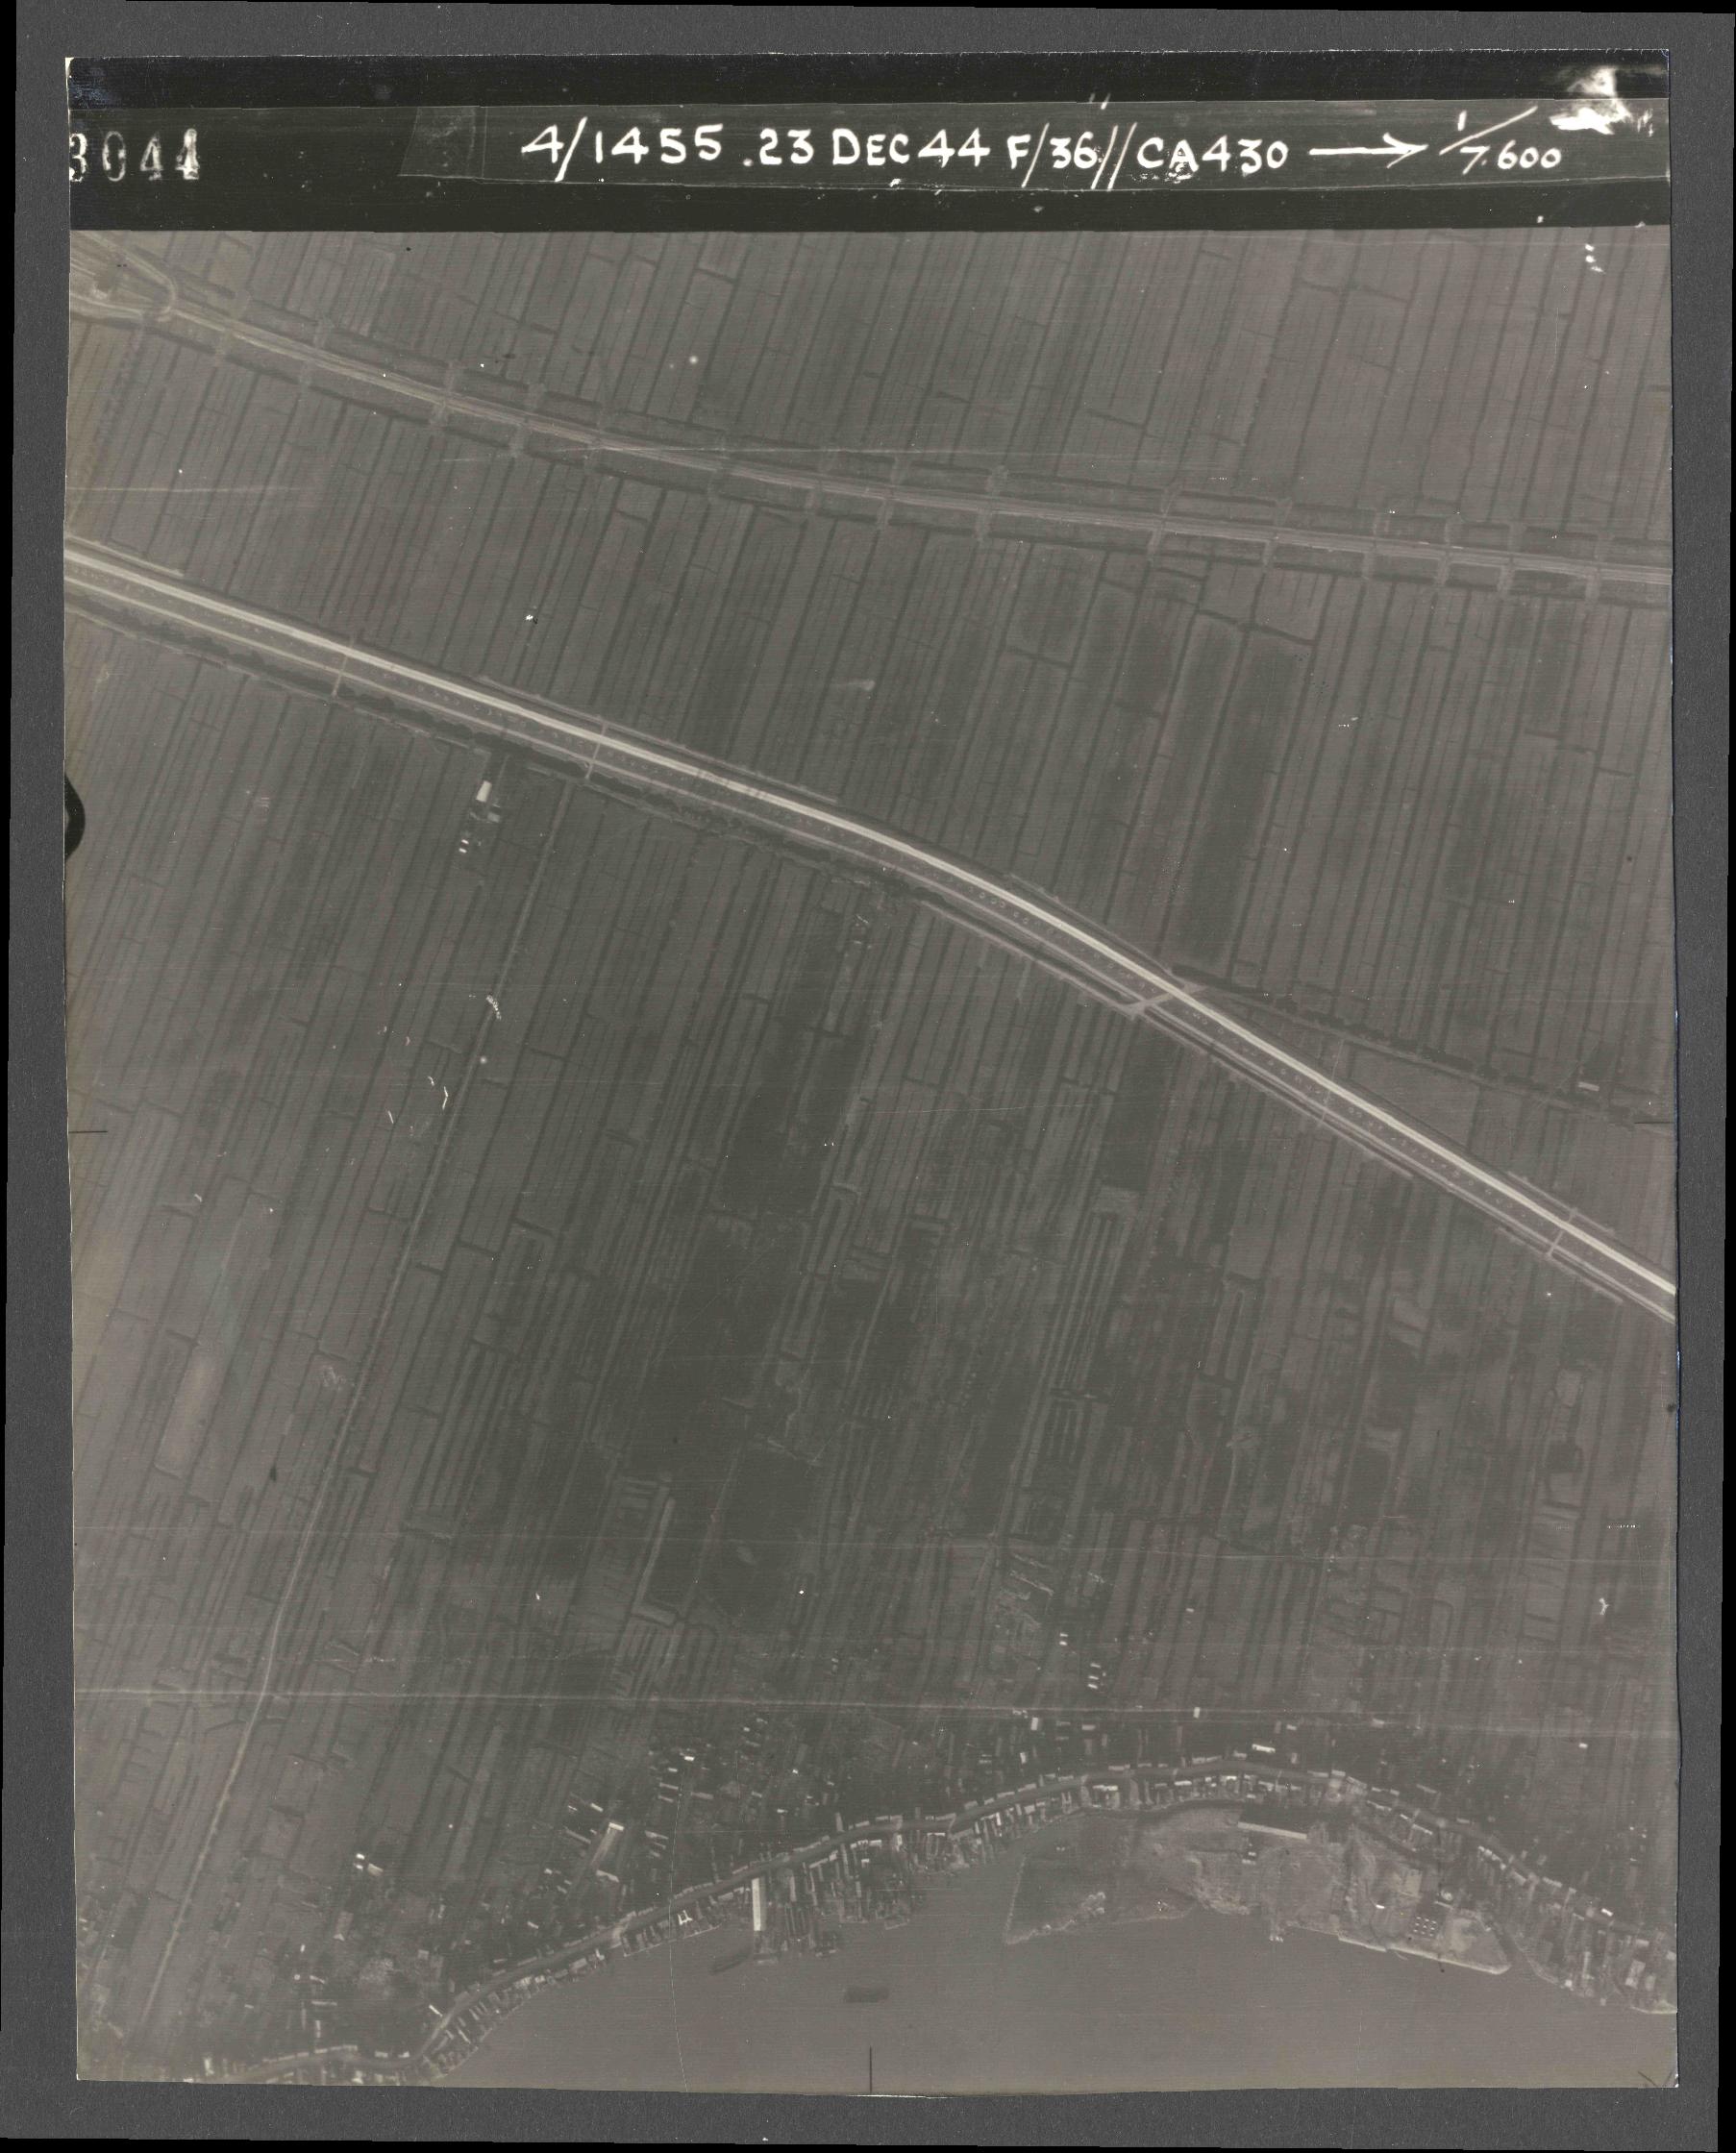 Collection RAF aerial photos 1940-1945 - flight 051, run 07, photo 3044